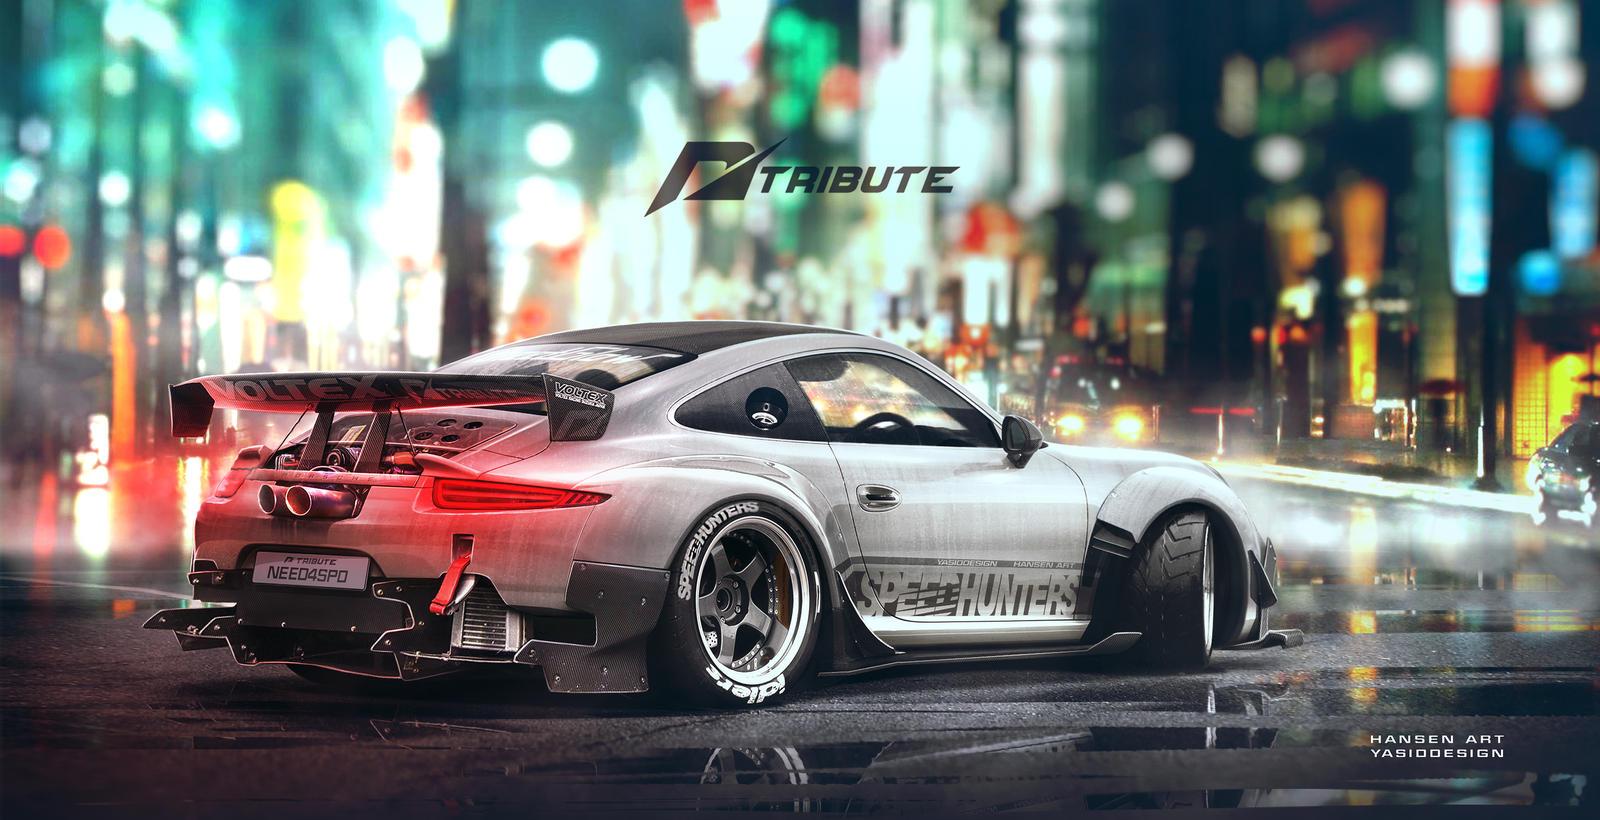 Speedhunters Porsche 911 NFS Tribute 1 by yasiddesign